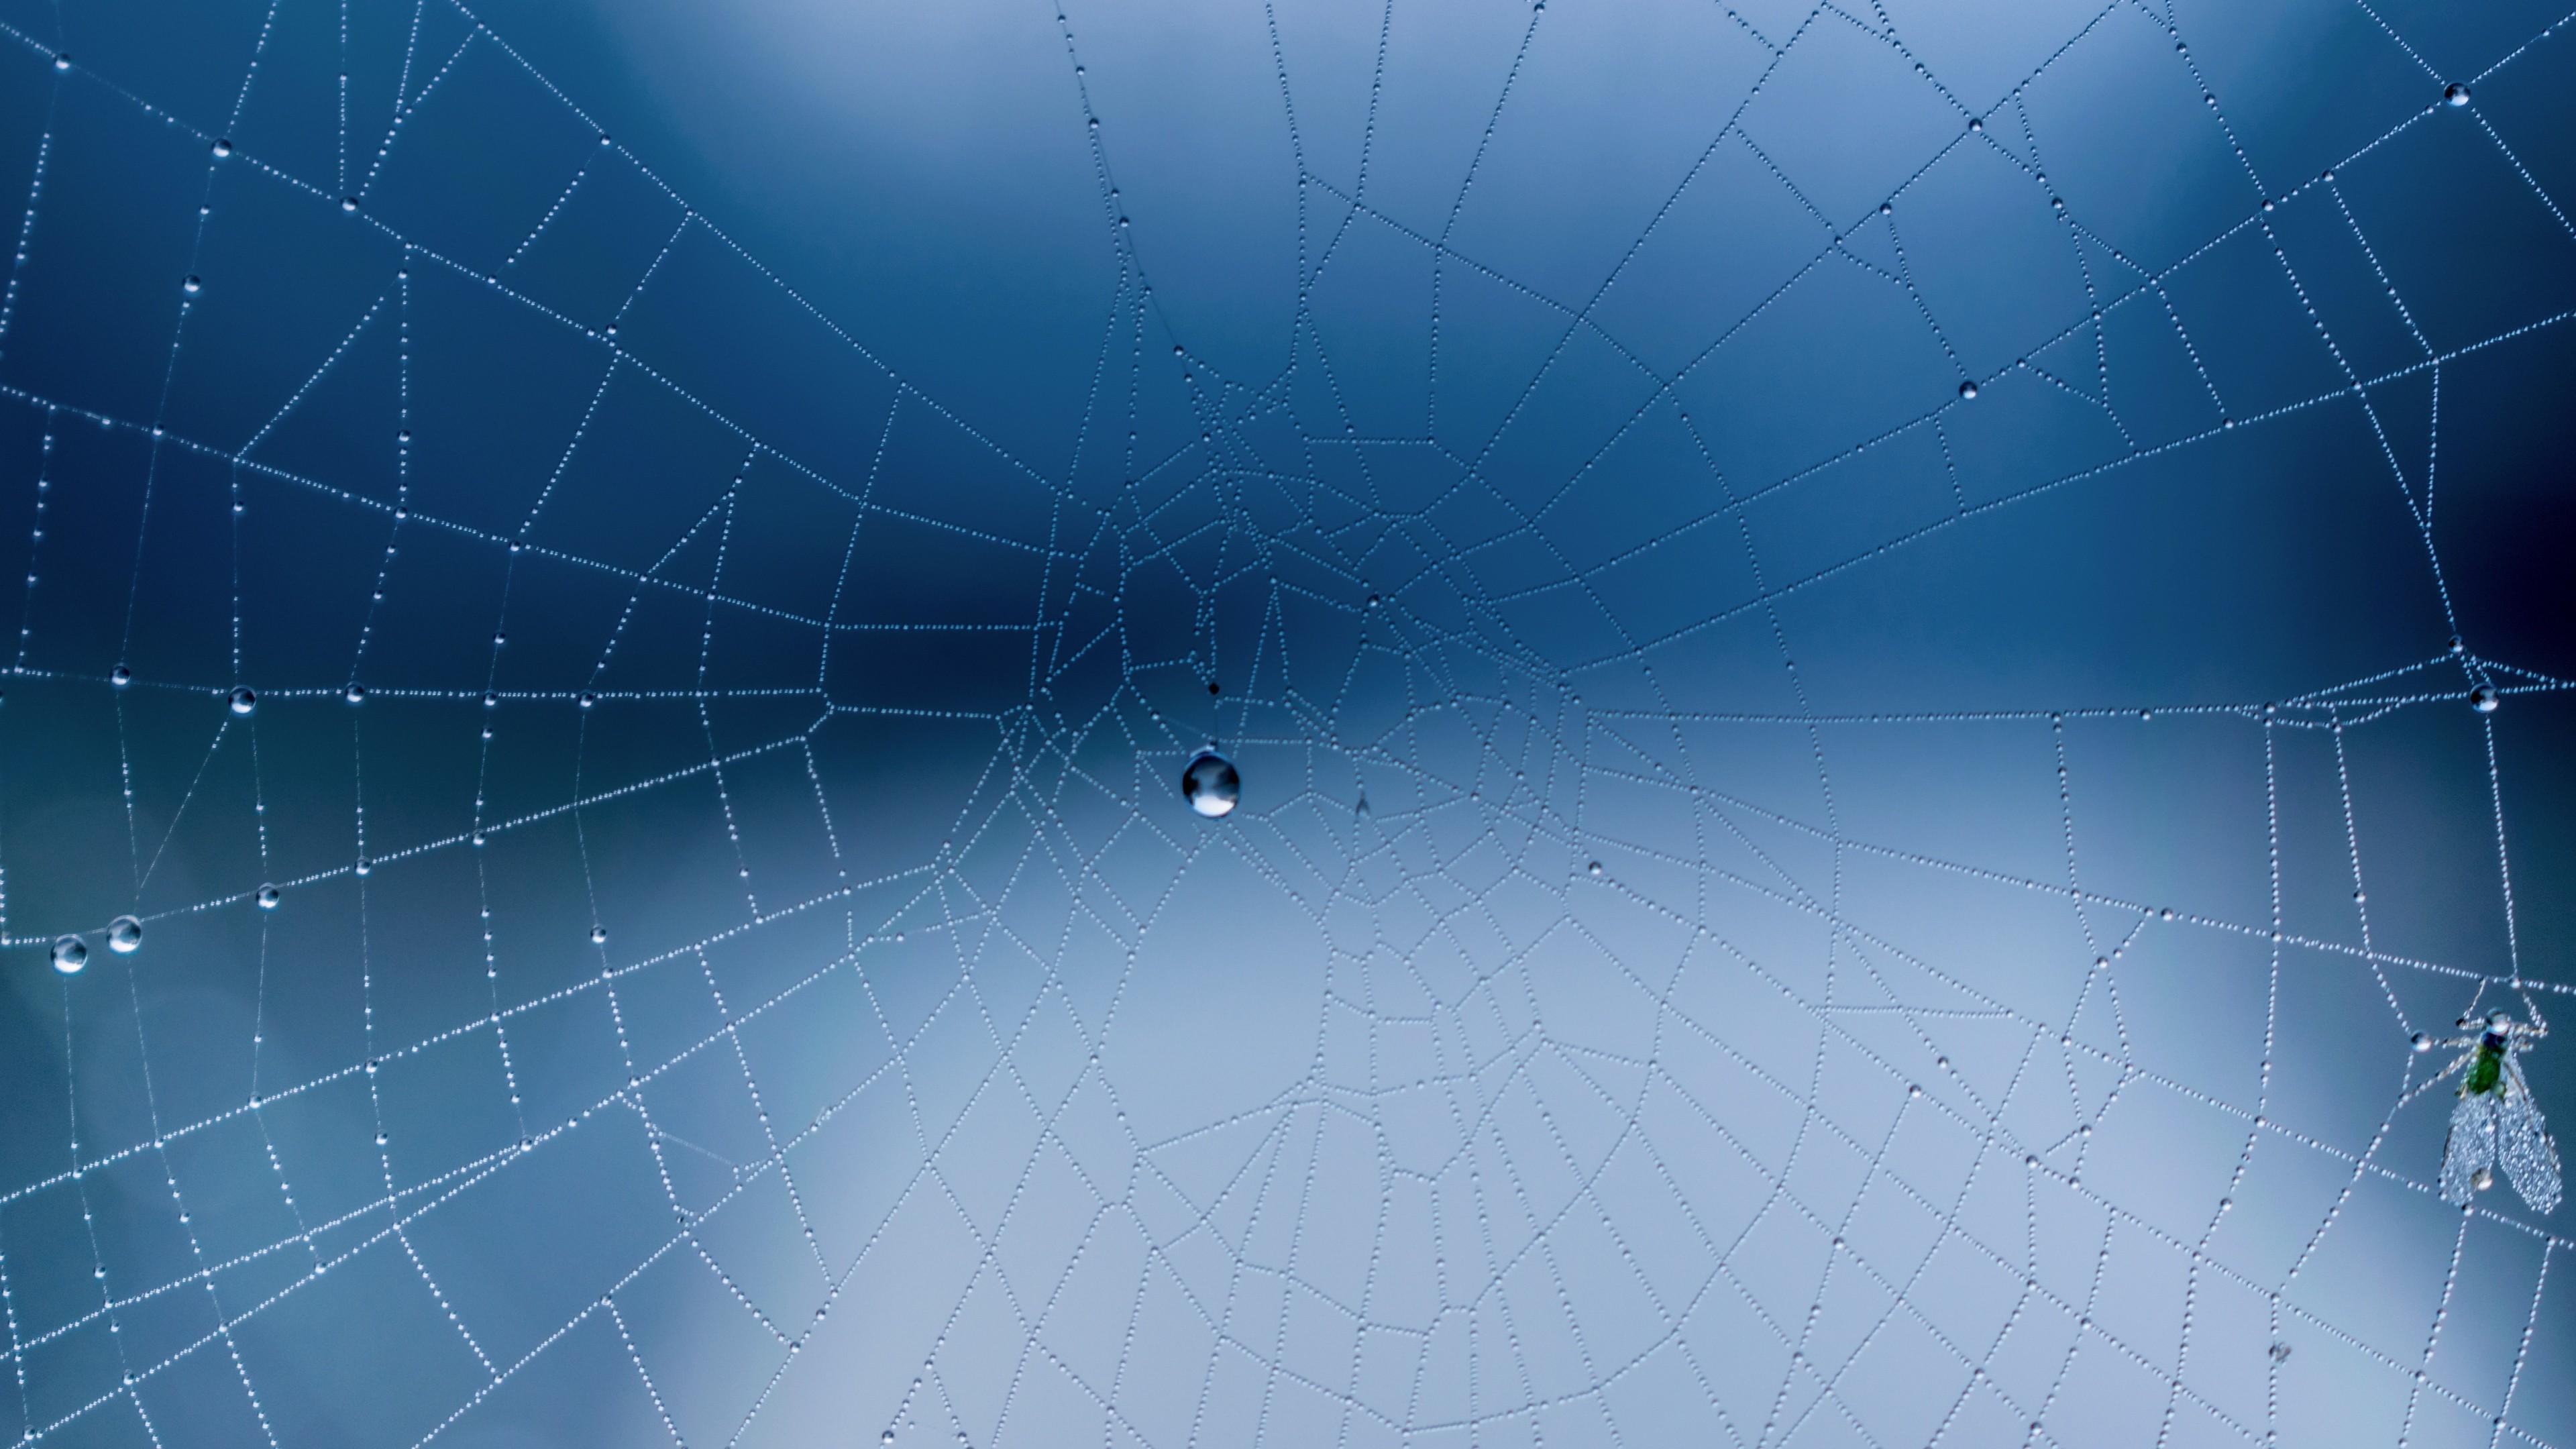 Wallpaper spider web, close-up, drops